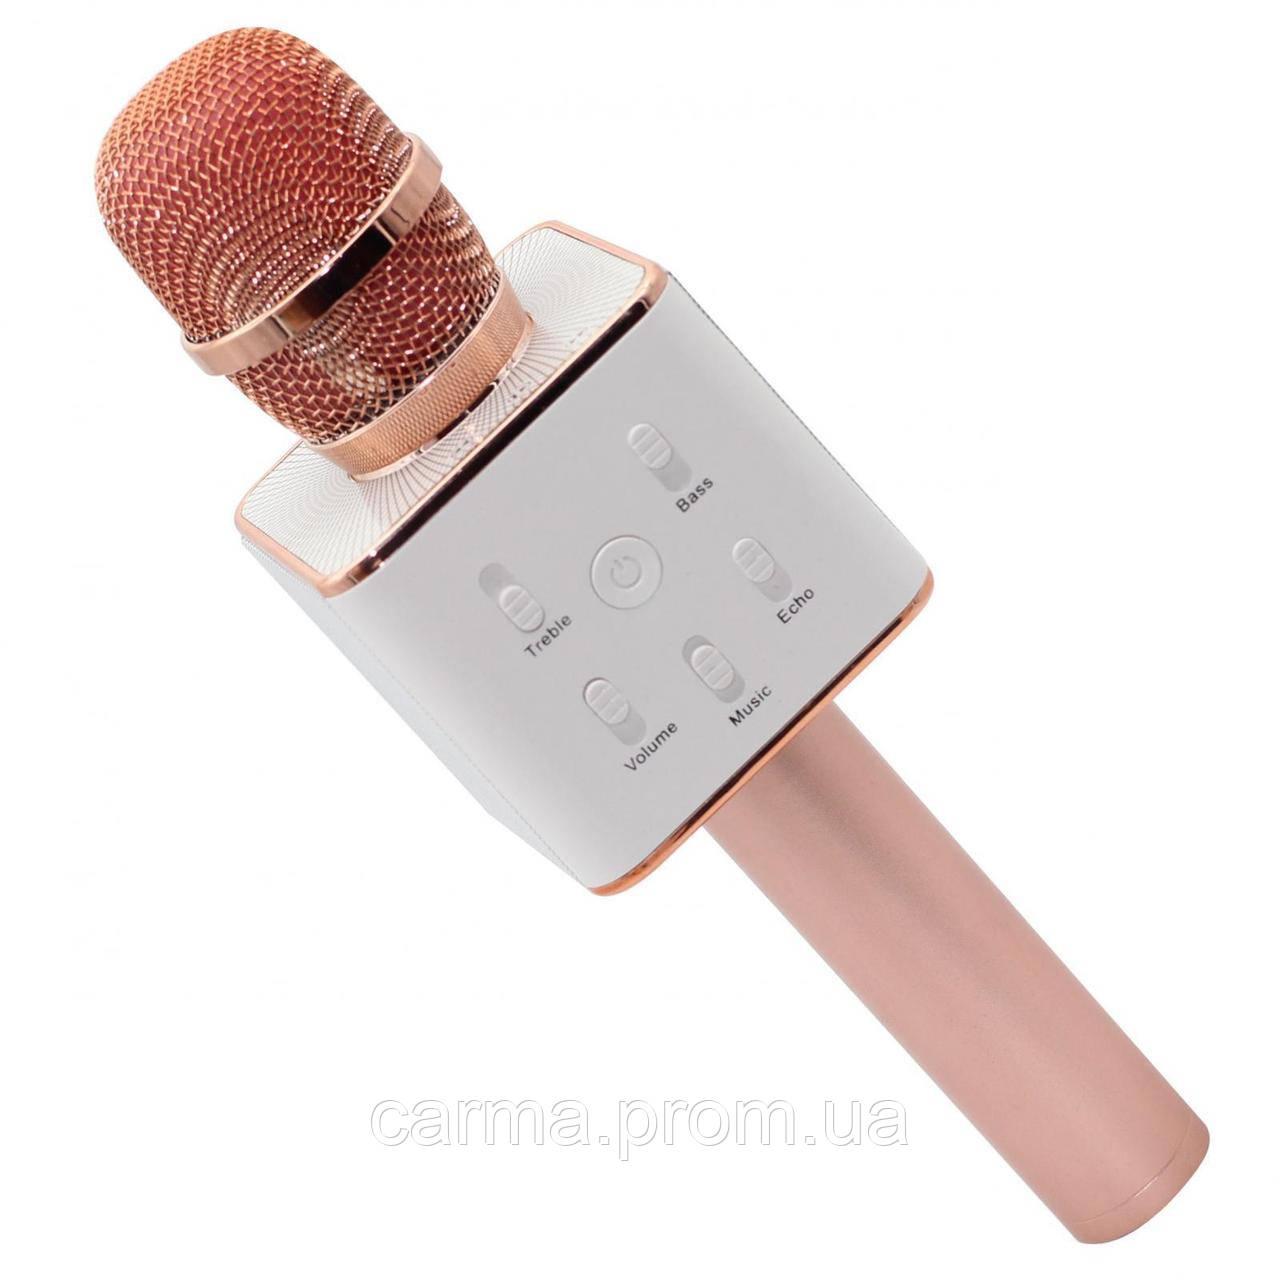 Караоке микрофон KTV Q7 Розовый